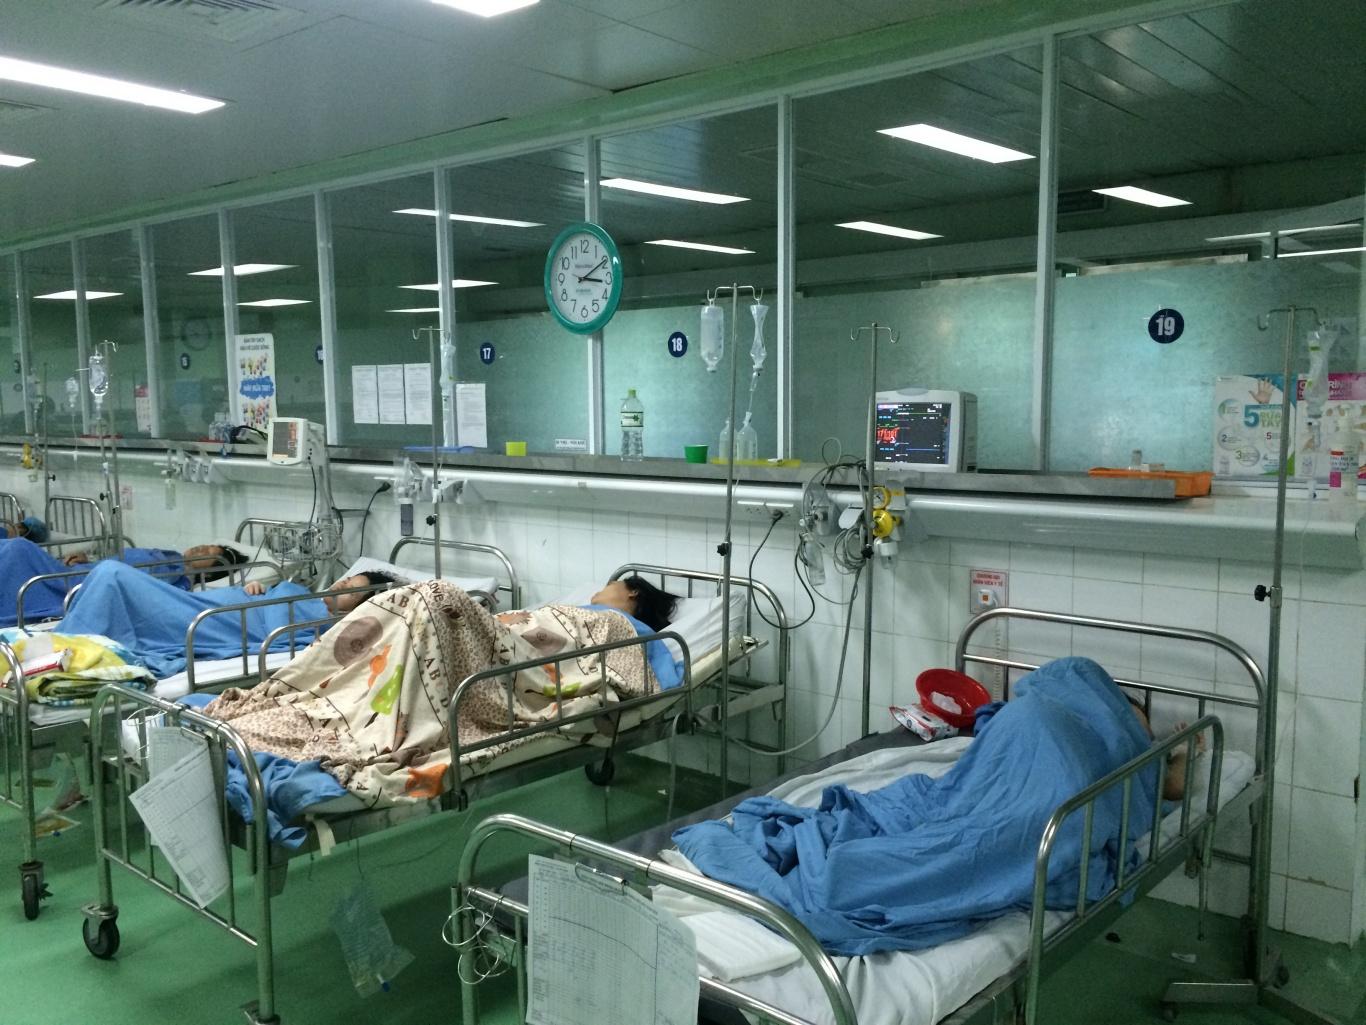 khoa hồi sức bệnh viện phụ sản lắp đặt chuông gọi y tá